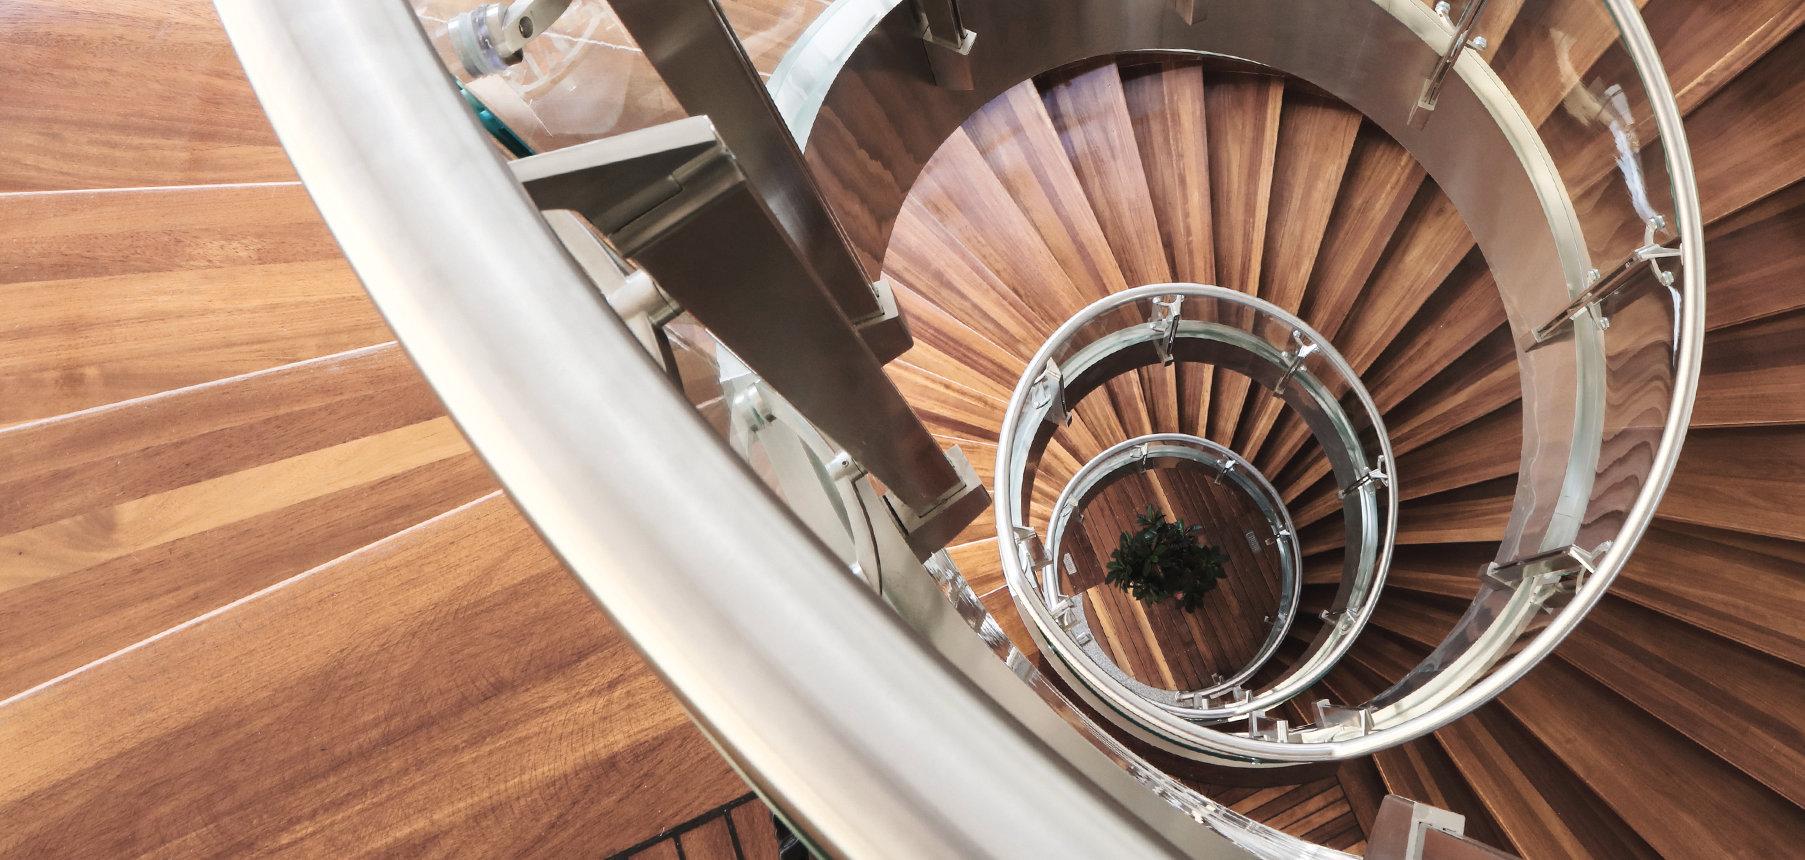 Wendeltreppe mit Stufen aus Holz und einem Edelstahlgeländer